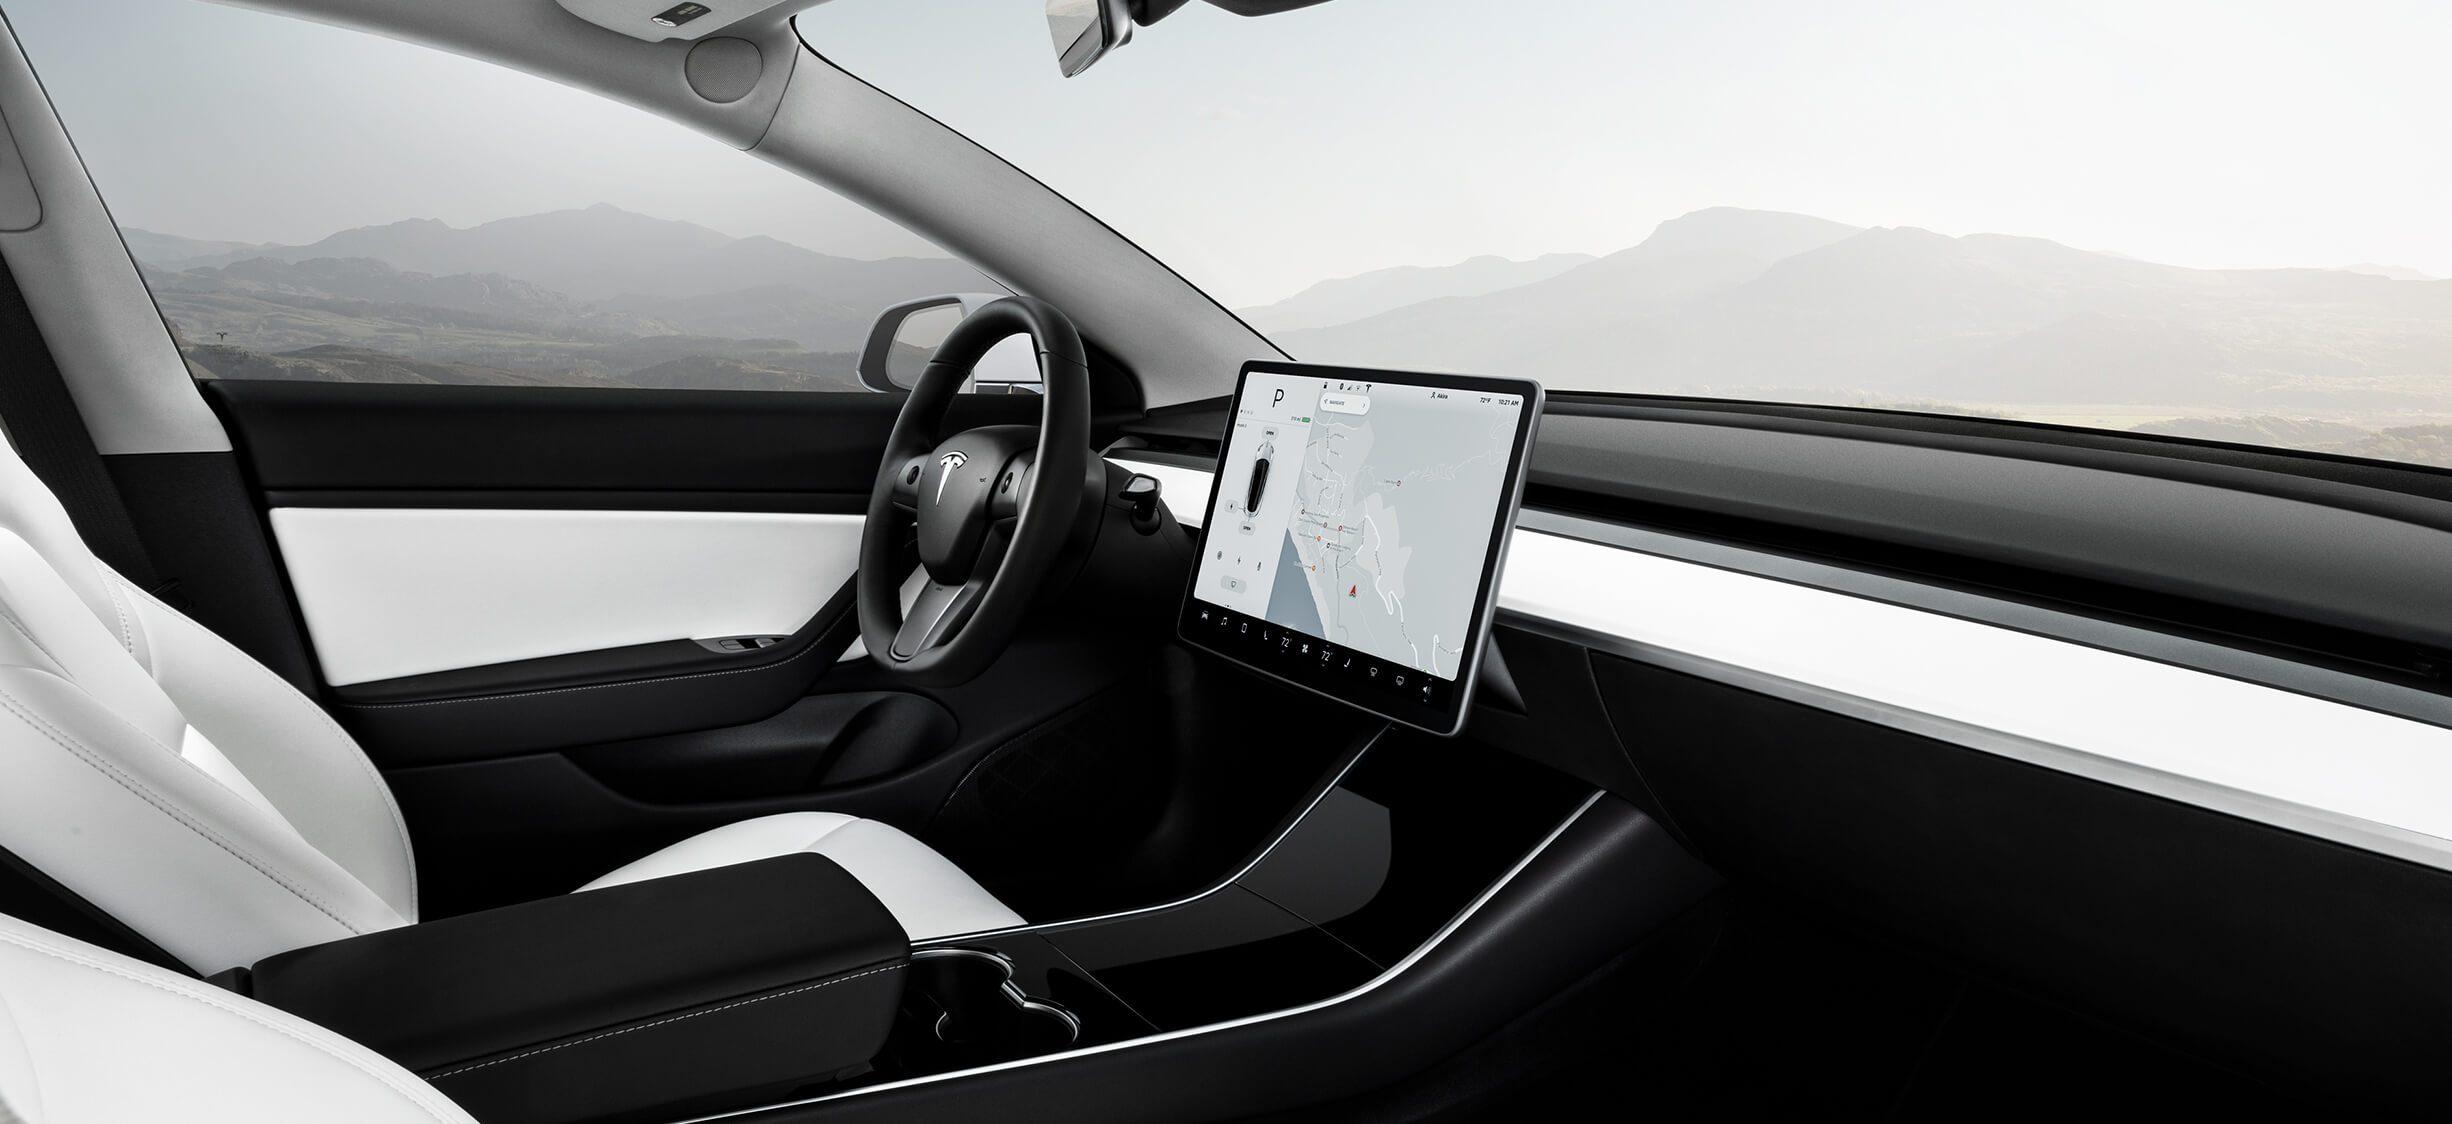 Отчет Tesla показал более высокие убытки и выручку, чем ожидали инвесторы - 1